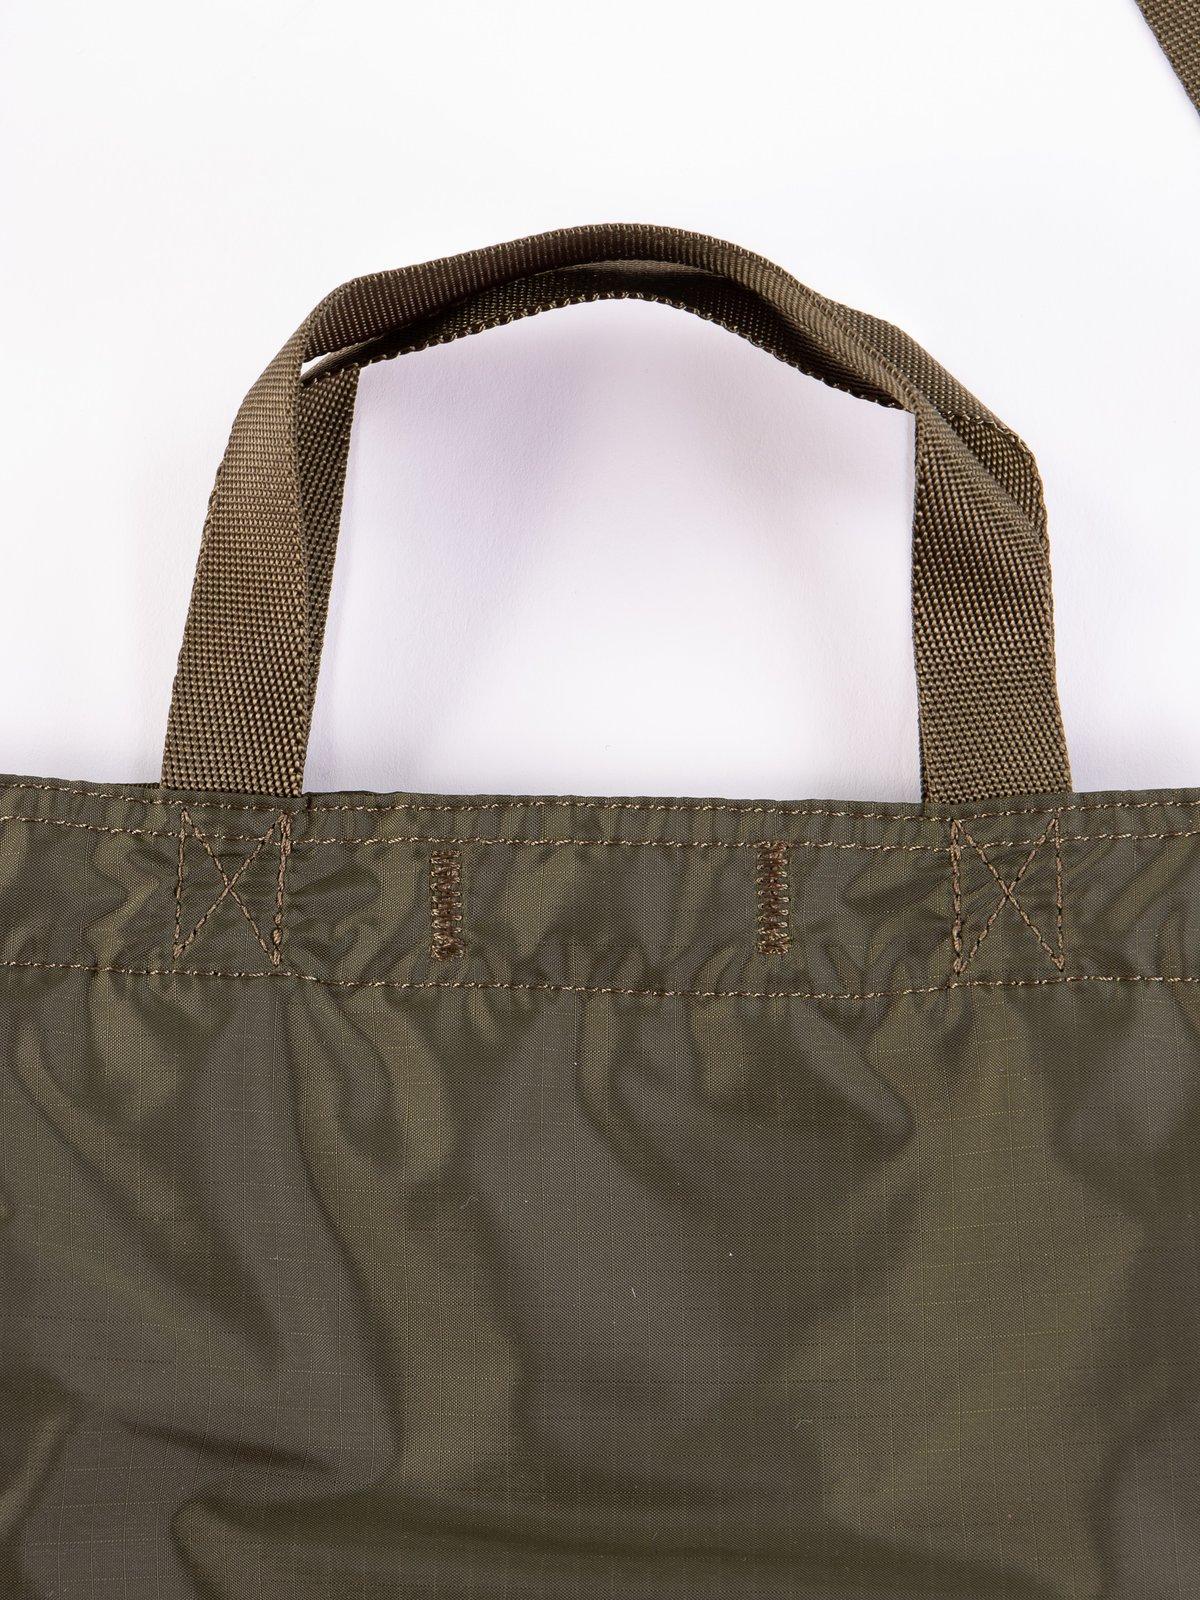 Olive Drab Flex 2Way Shoulder Bag - Image 3